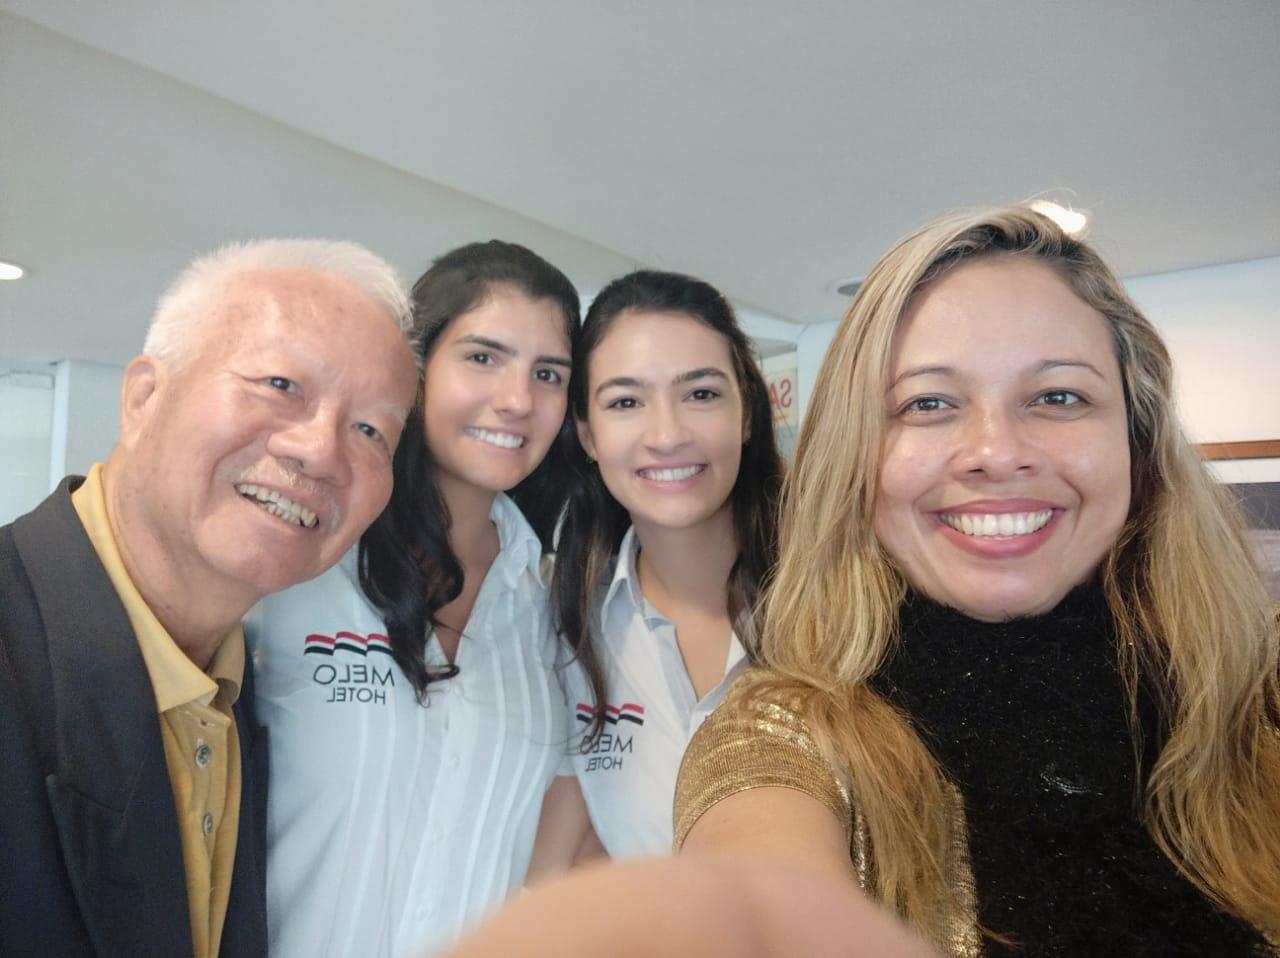 O fotógrafo pioneiro na fotografia social baiana Sun Sun, as empresárias Victoria Melo e Bárbara Melo, e a jornalista e colunista social Yin yee Carneiro, premiada quatro vezes nacionalmente em reconhecimento pelo seu trabalho na Bahia. (Crédito: Divulgação)